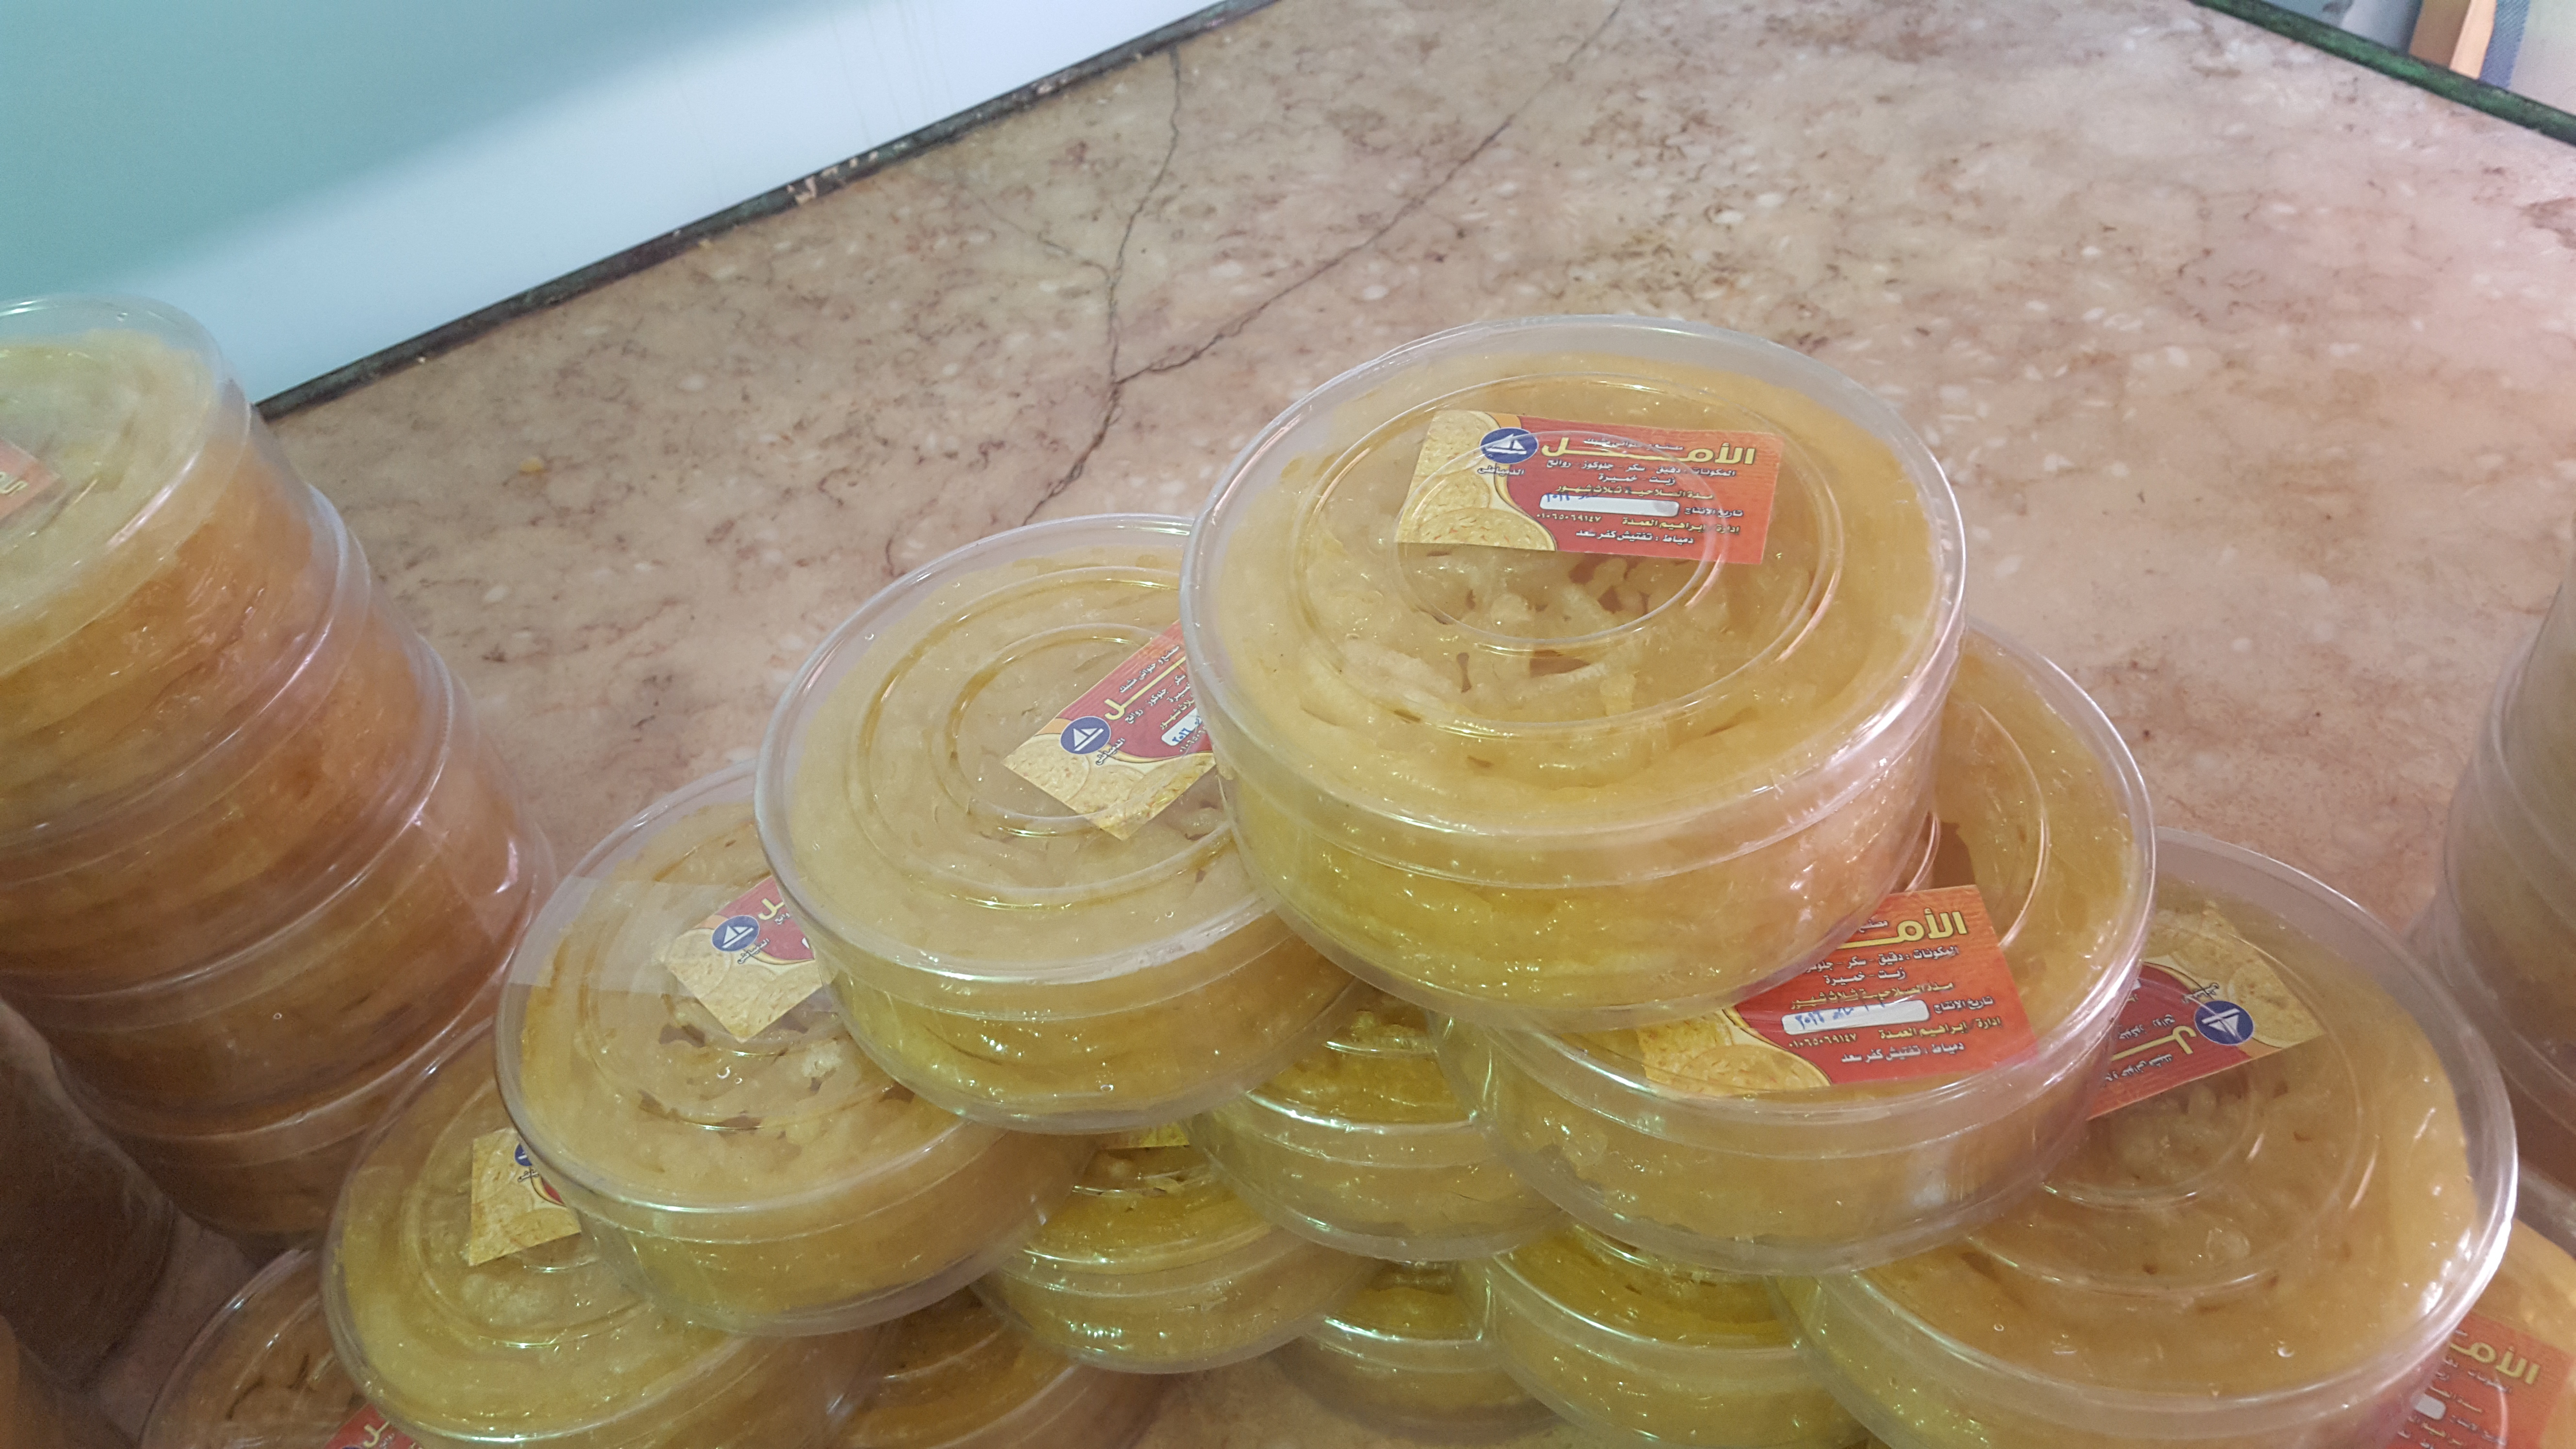 حلويات شرقية مشبك الامل الدمياطي do.php?img=35748